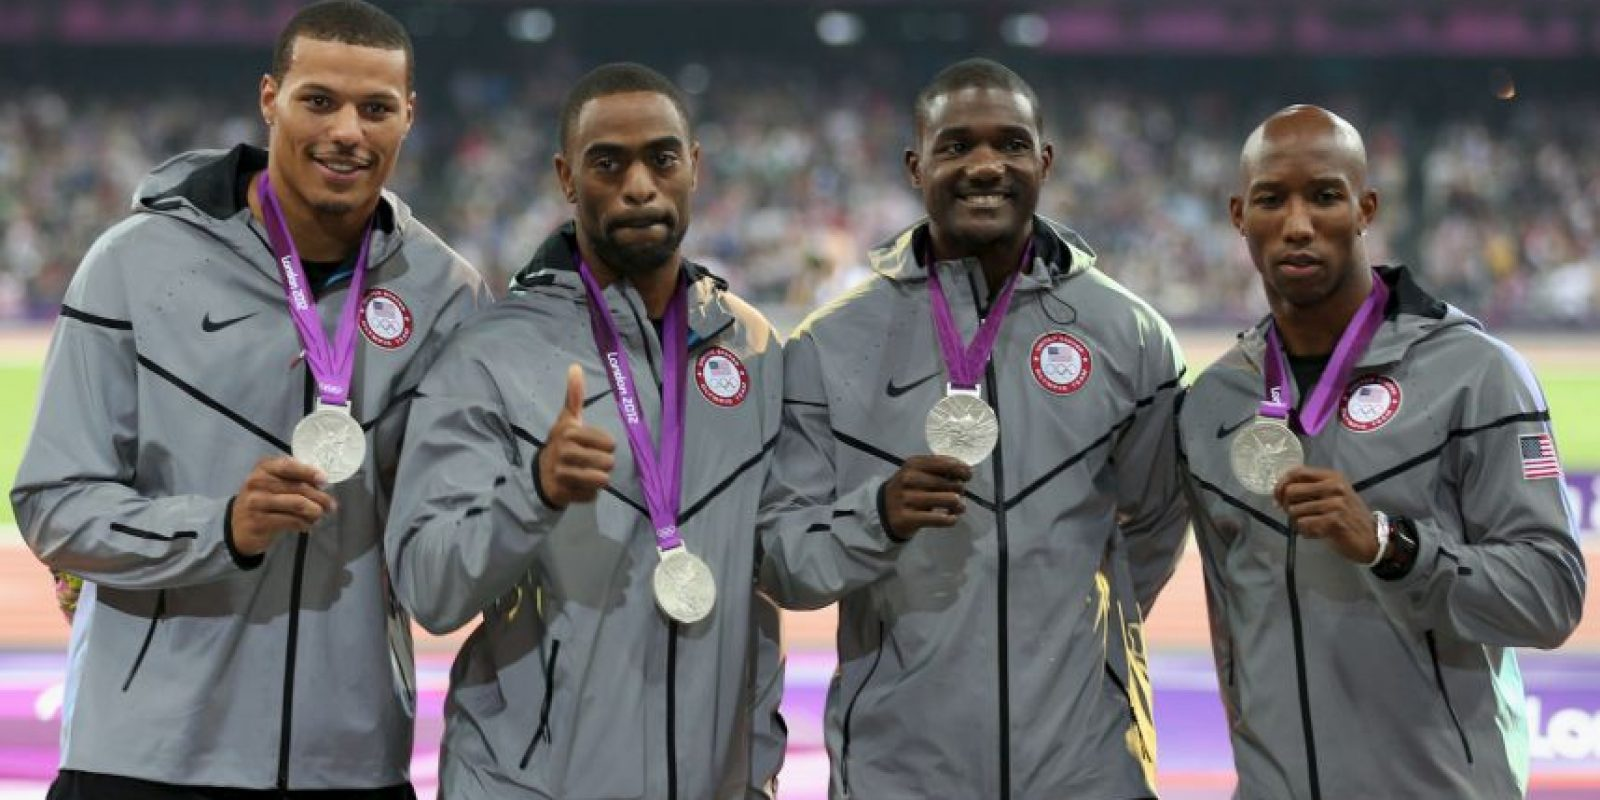 Estados Unidos ganó la medalla de plata en relevos 4×100 en los Juegos Olímpicos de Londres 2012. Foto:Getty Images